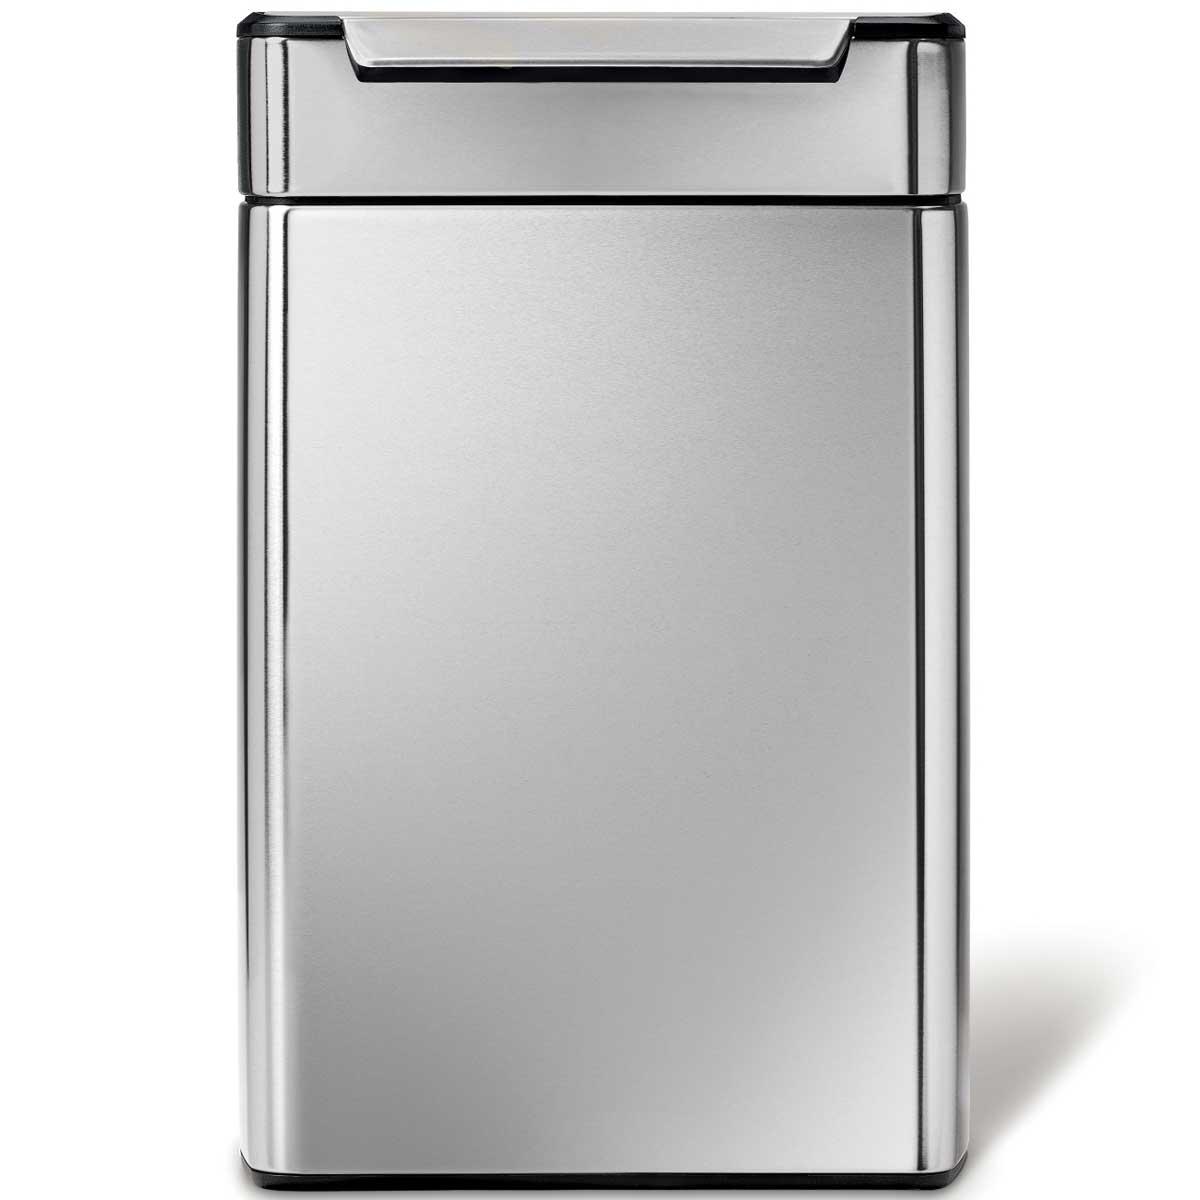 simplehuman ゴミ箱 タッチバーカン おしゃれ シンプルヒューマン 正規品 メーカー保証付き CW2018 分別 角型48L(24L/24L)